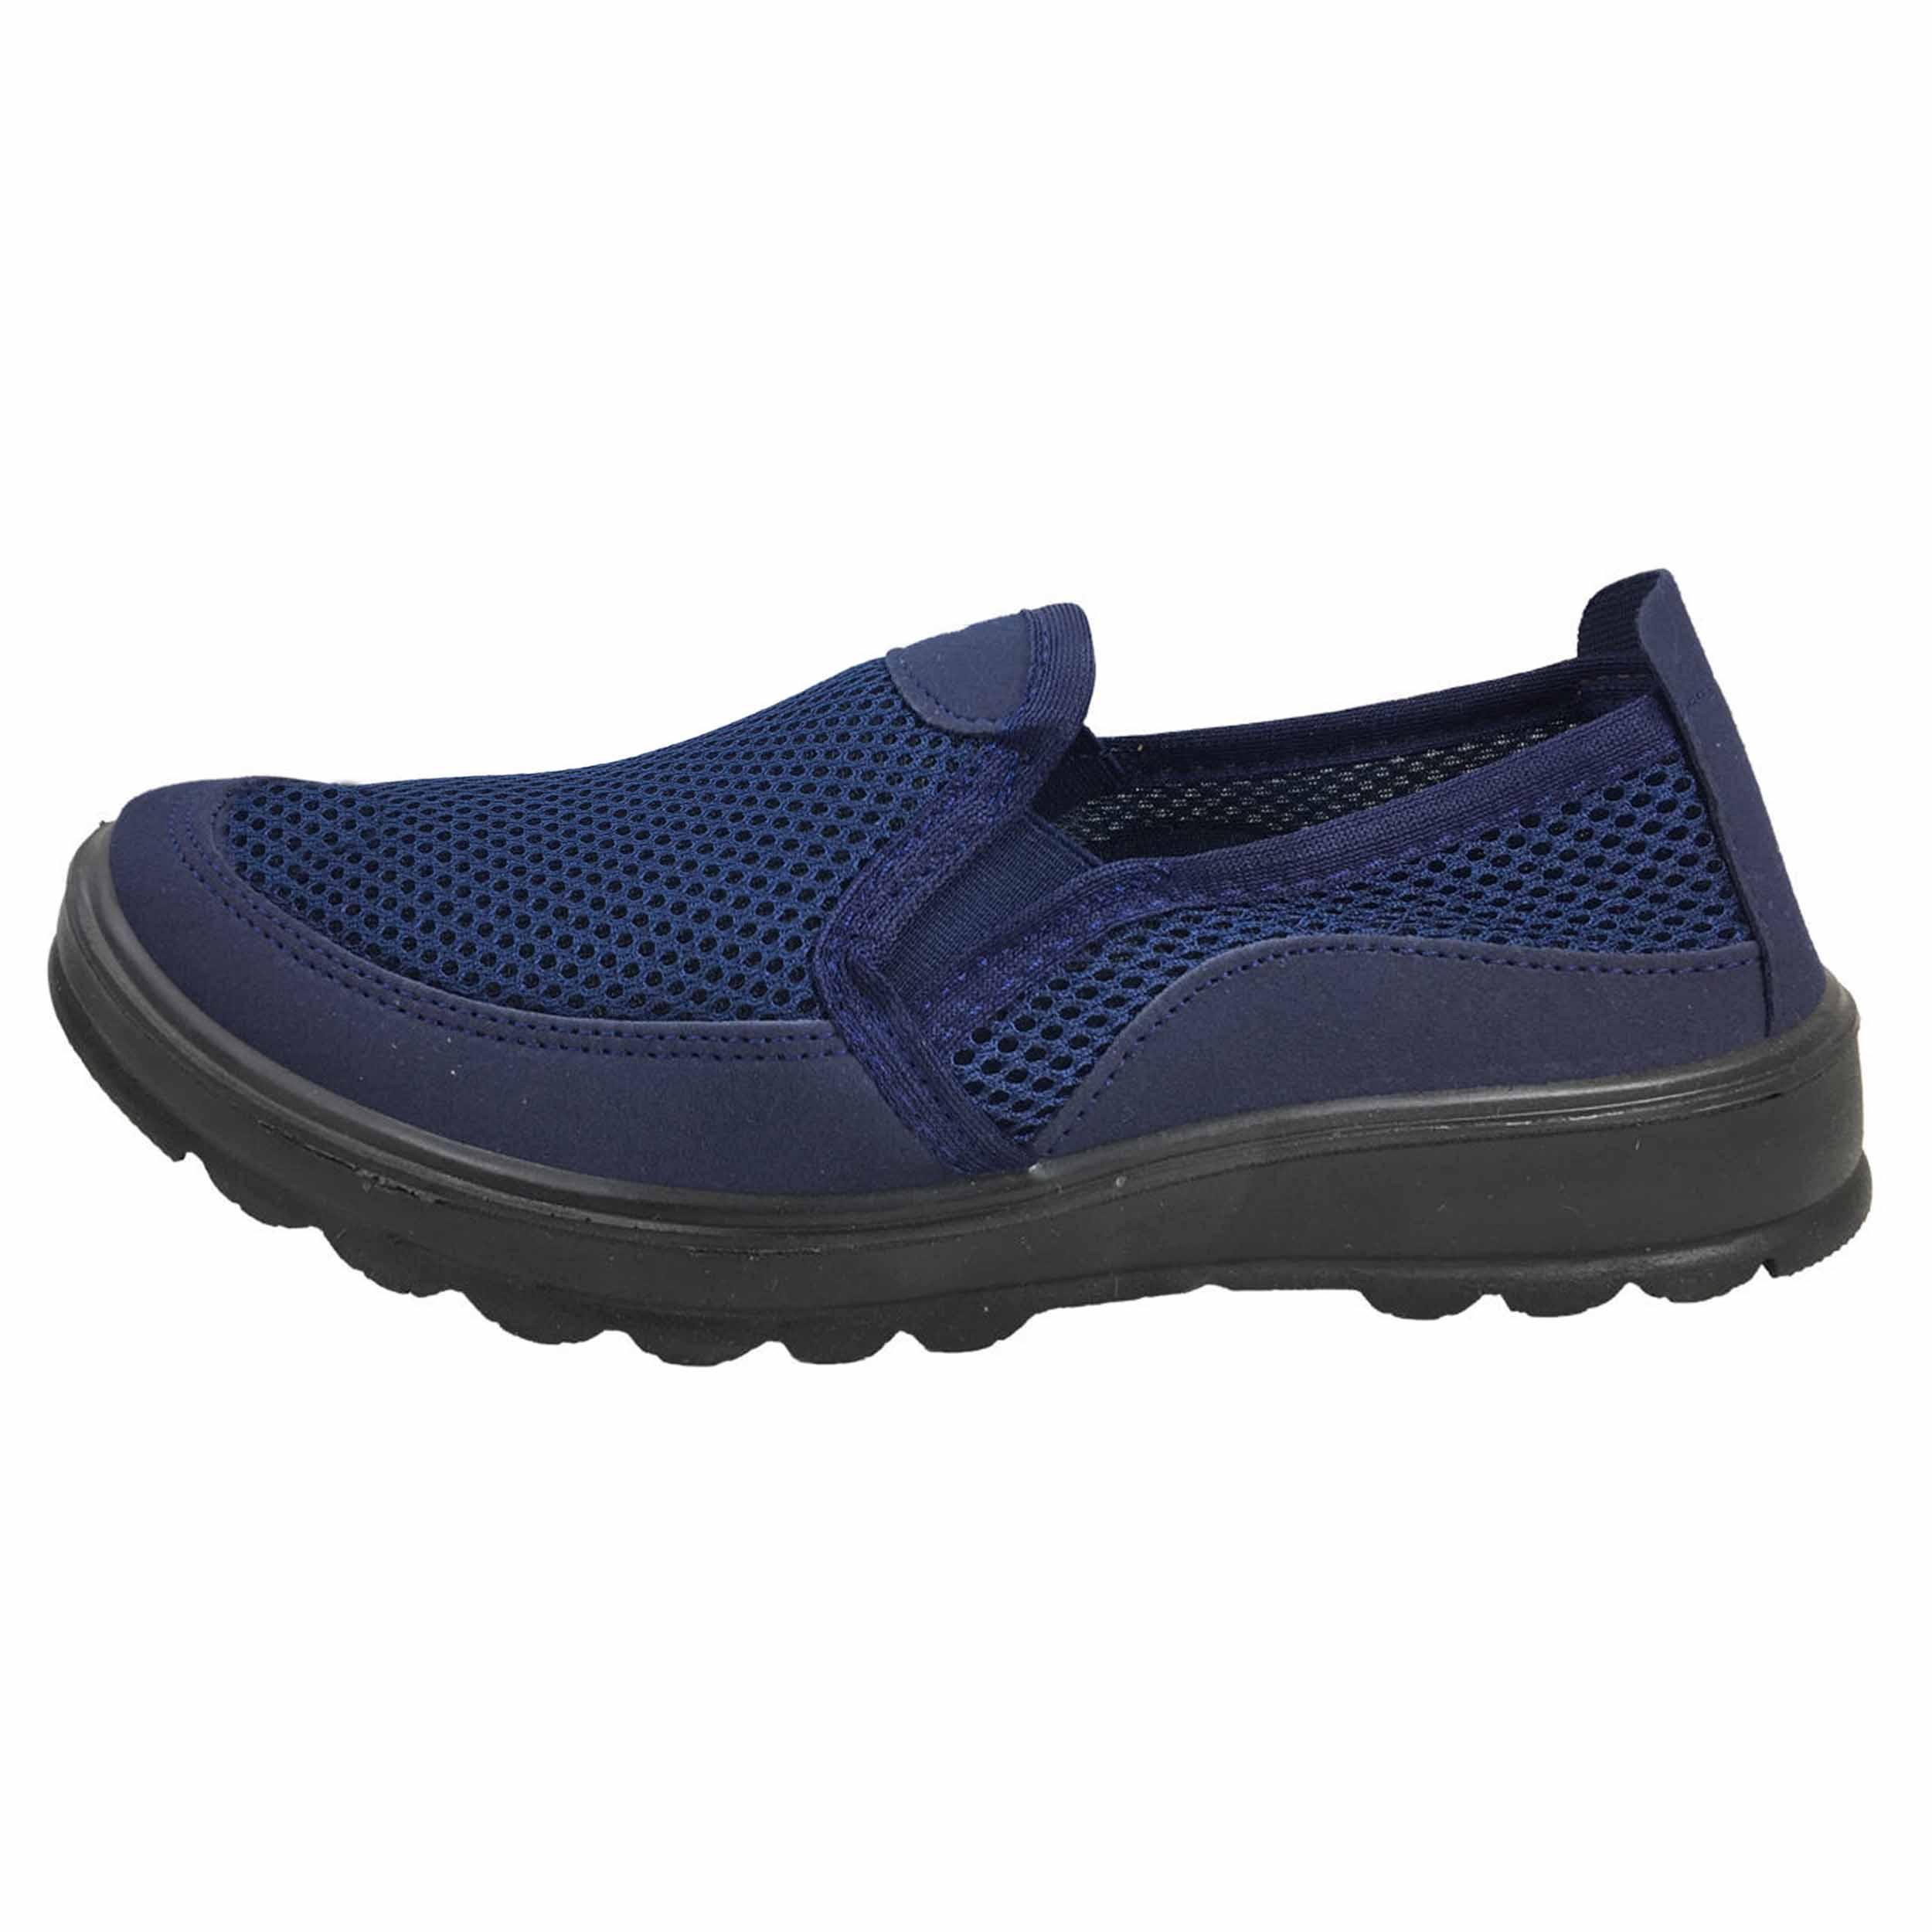 کفش مخصوص پیاده روی مردانه نسیم مدل فرهاد کد S102